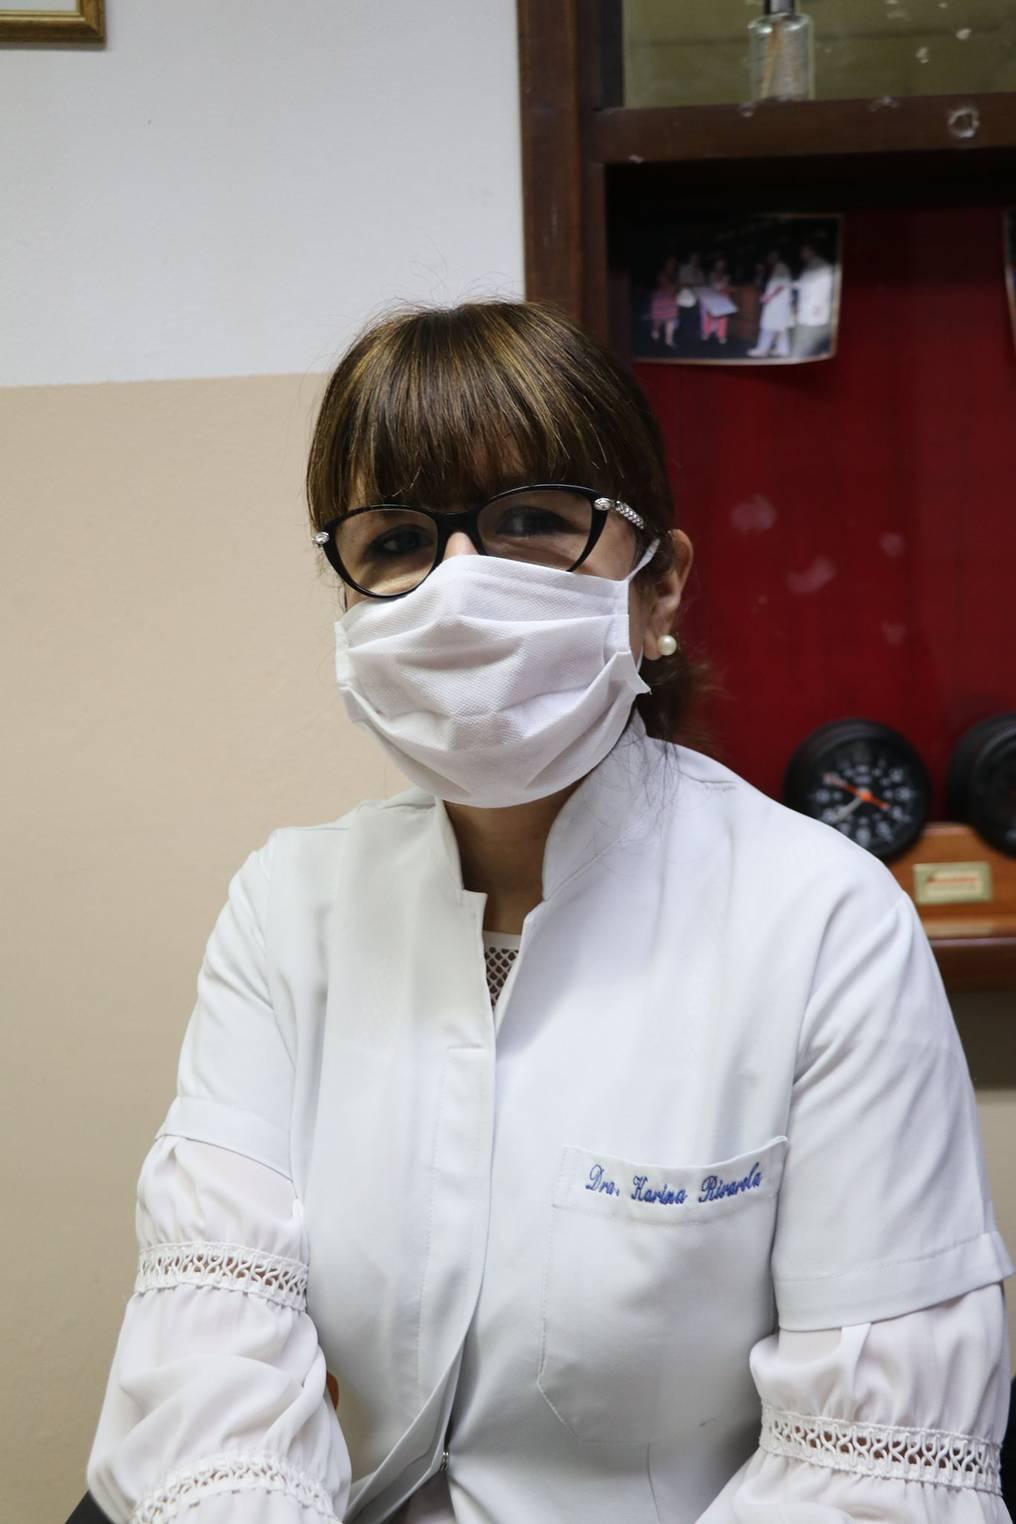 Dra. Karina Rivarola, jefa del Departamento Admisión Hospitalaria del Hospital de Clínicas. Foto: Gentileza.